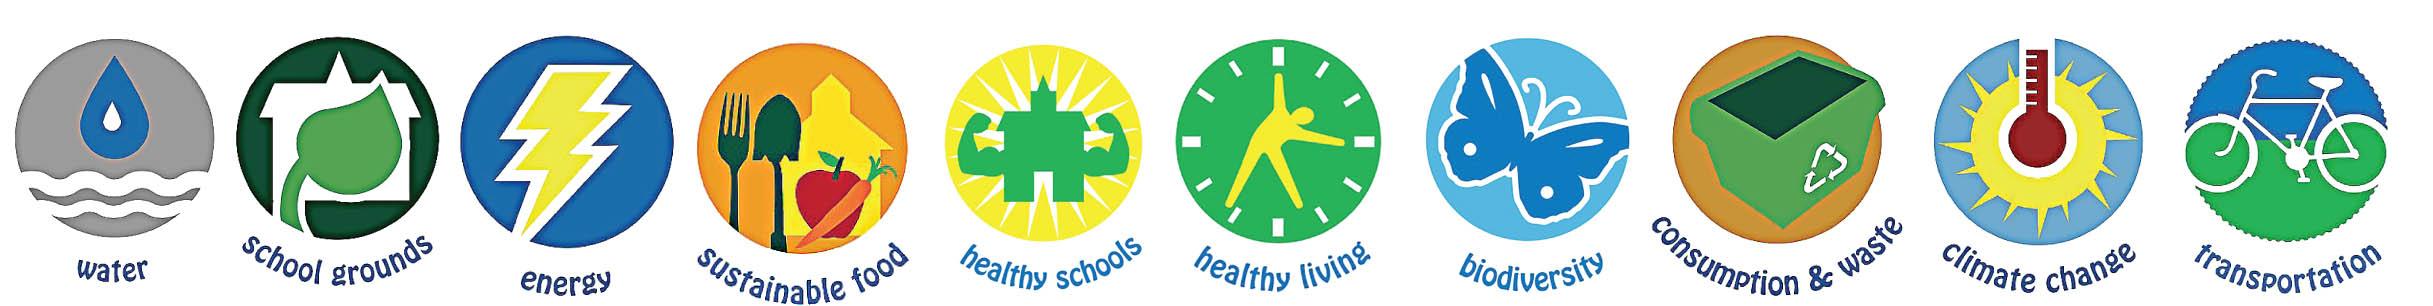 Eco Schools Icons